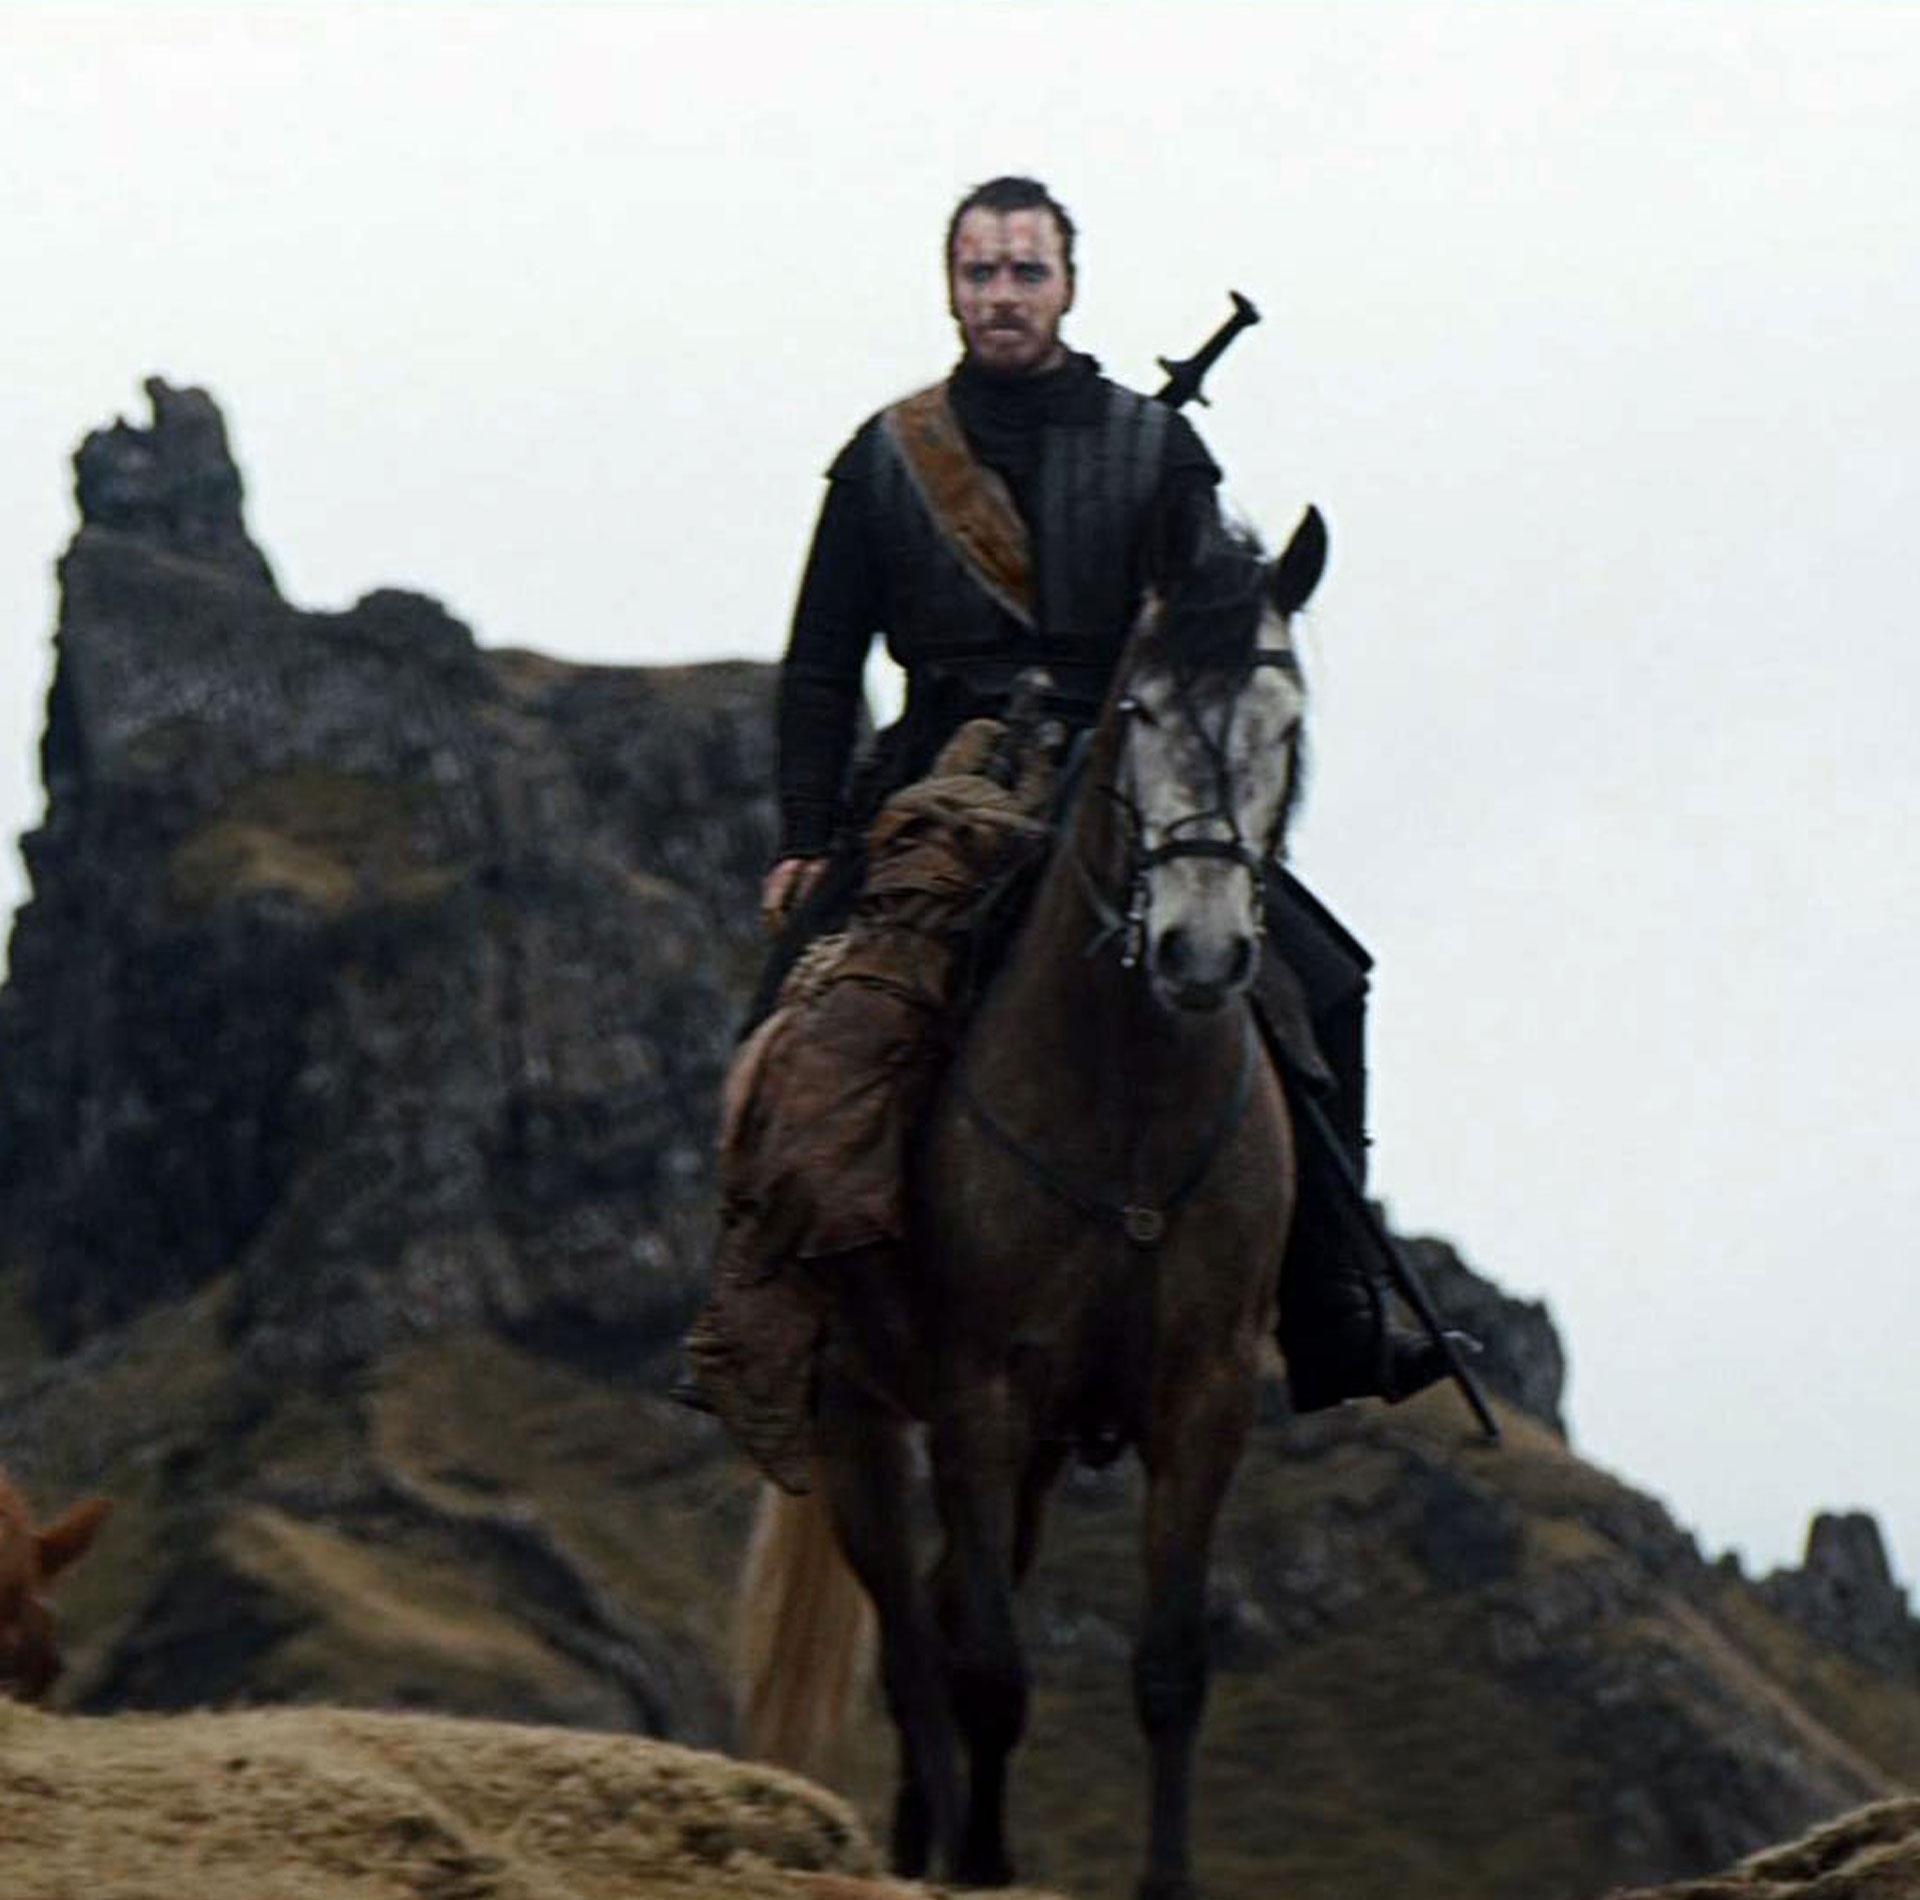 Michael Fassbender: Movie Stills Macbeth Michael Fassbender